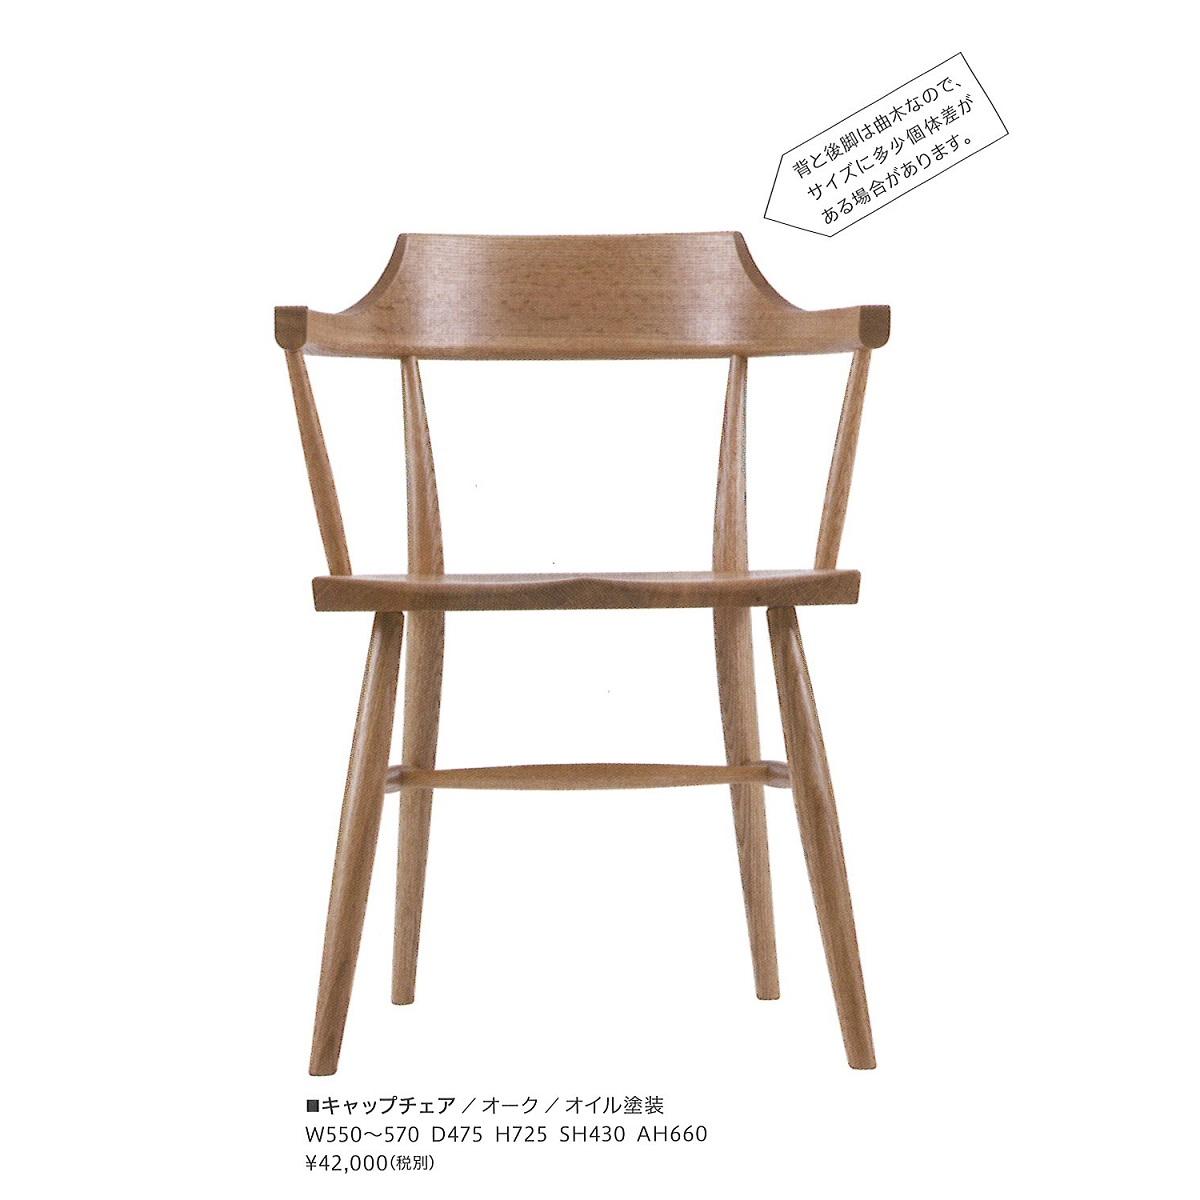 飛騨高山 木馬舎の家具キャップチェアー 板座 座クッションもオプションで40色から選べます。素材:オーク無垢オイル塗装受注生産になっております。送料無料(沖縄・北海道・離島は除く)